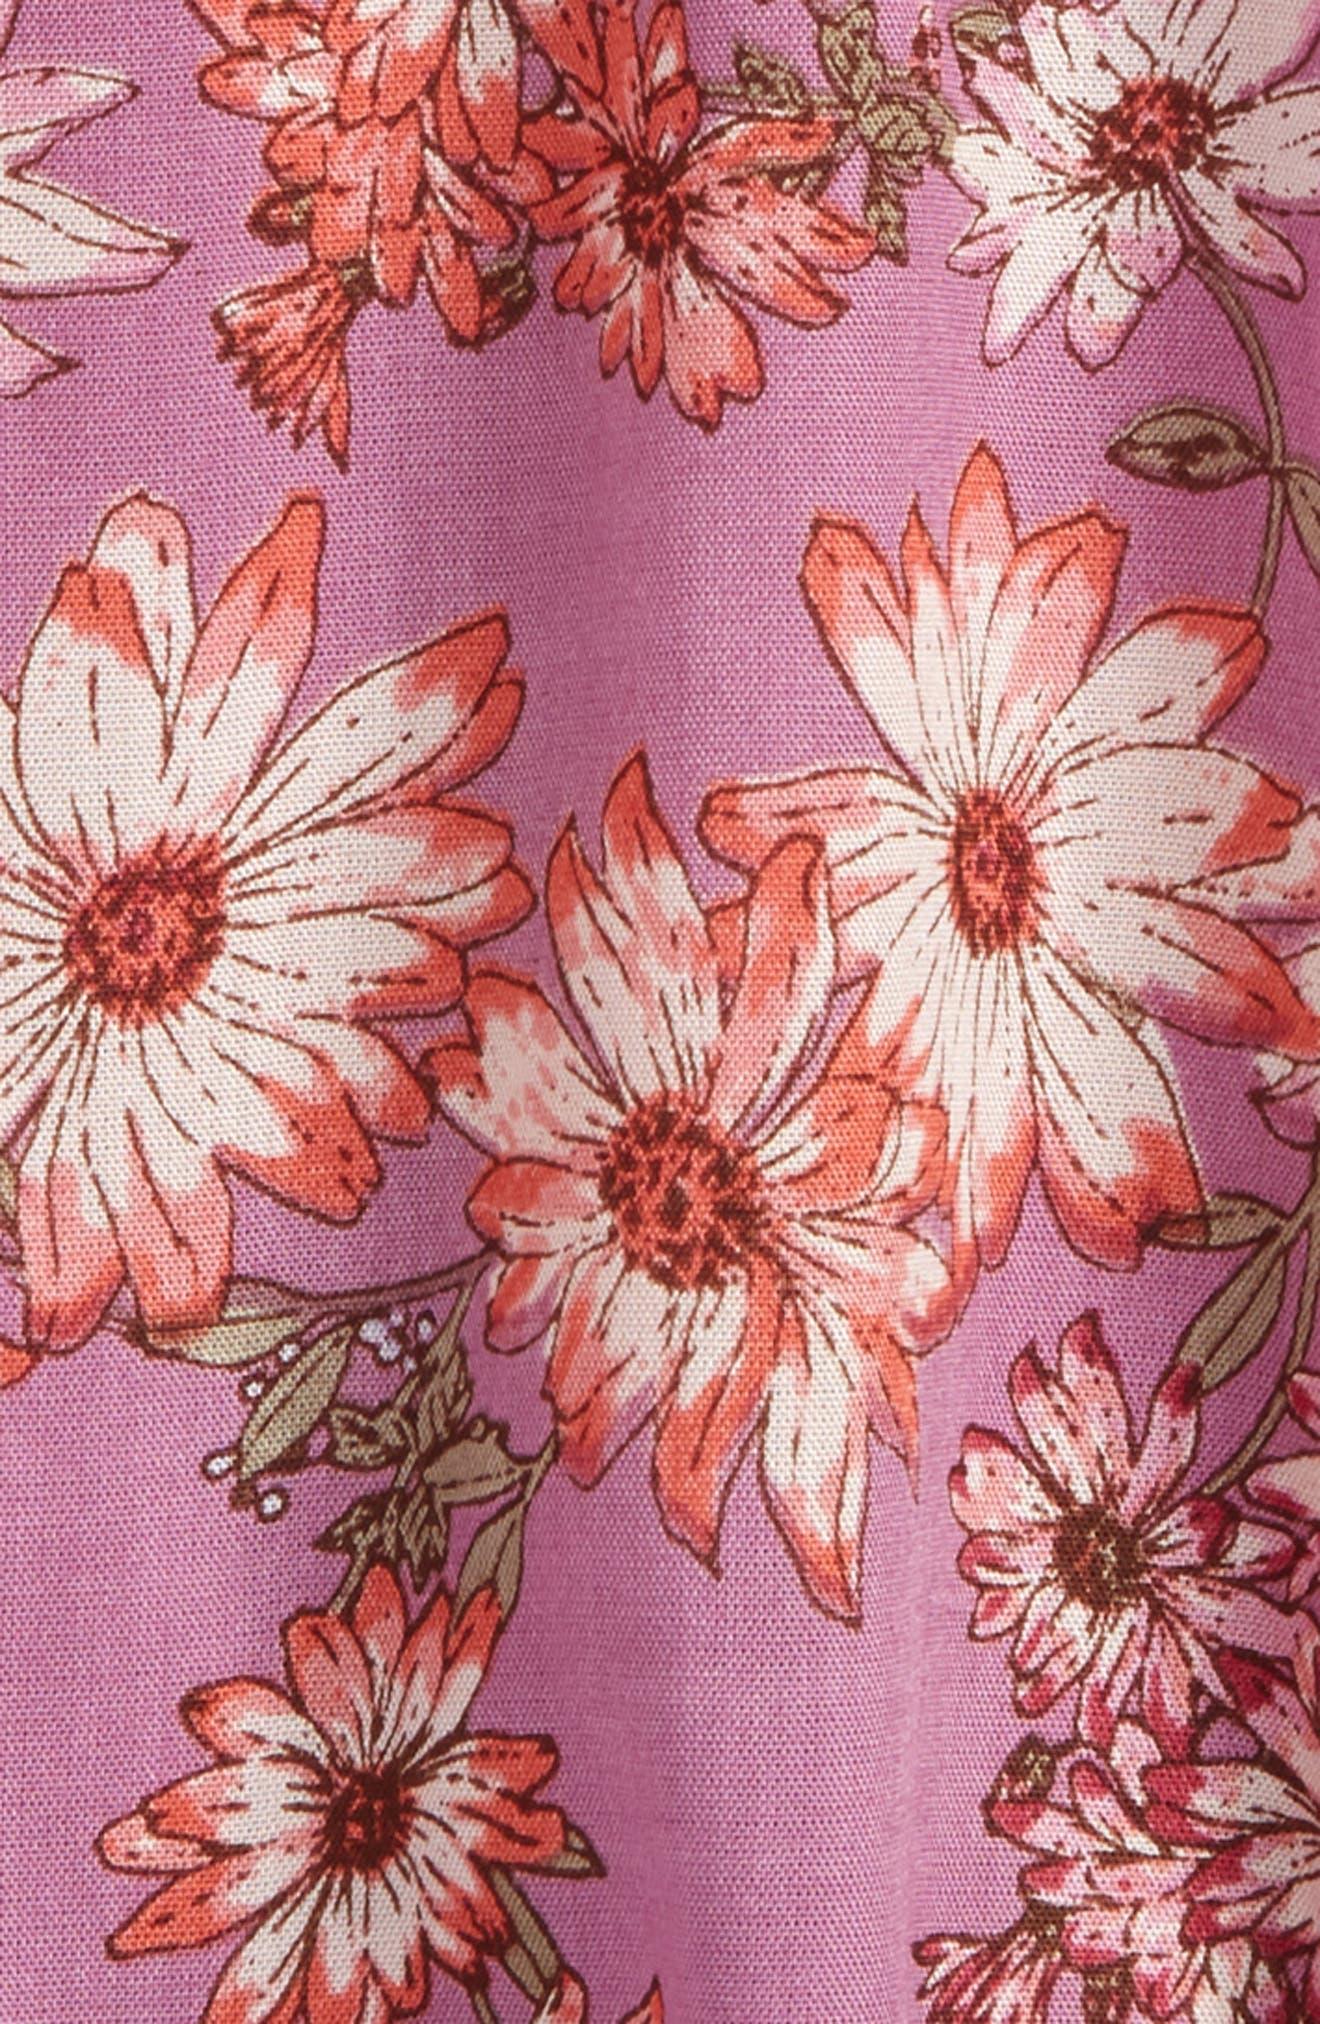 Sallie Floral Dress,                             Alternate thumbnail 3, color,                             Dusty Lavender